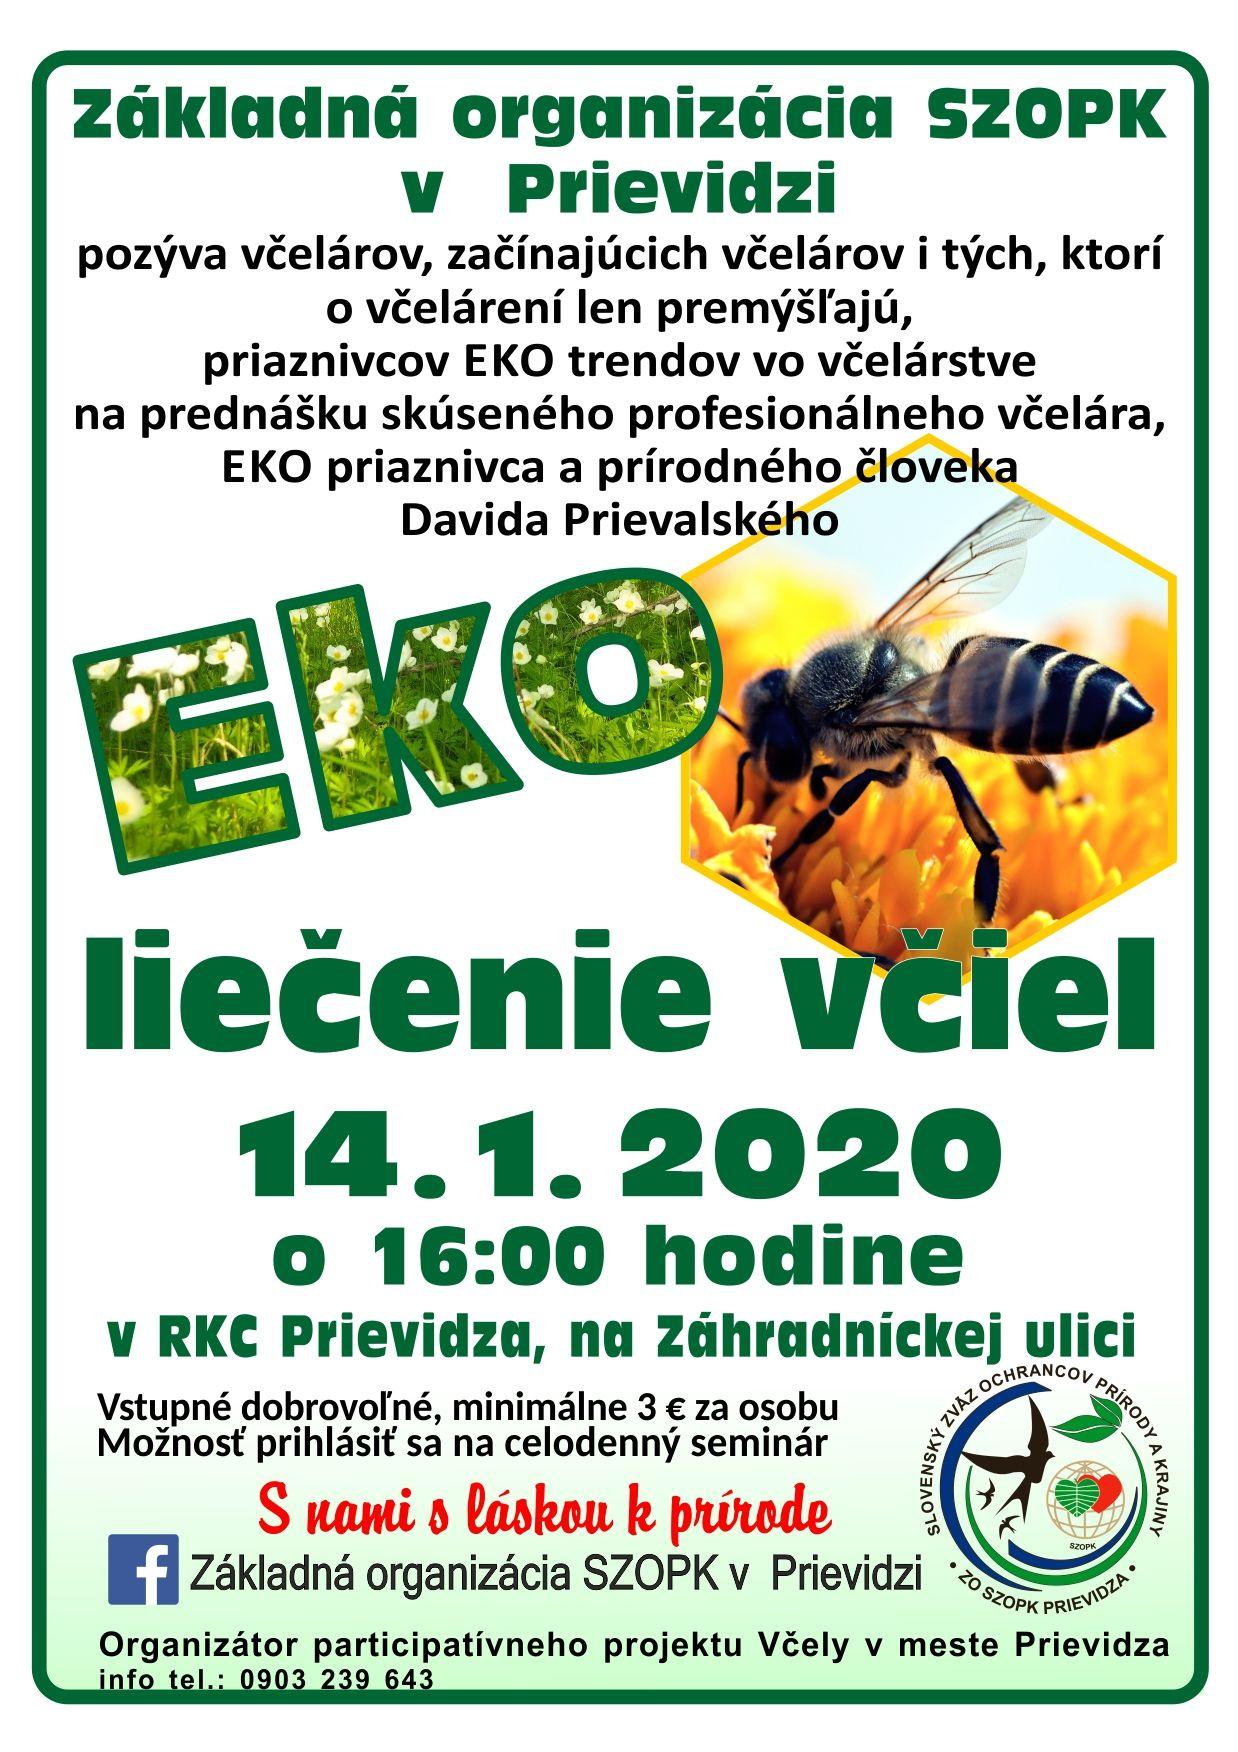 Eko liečenie včiel